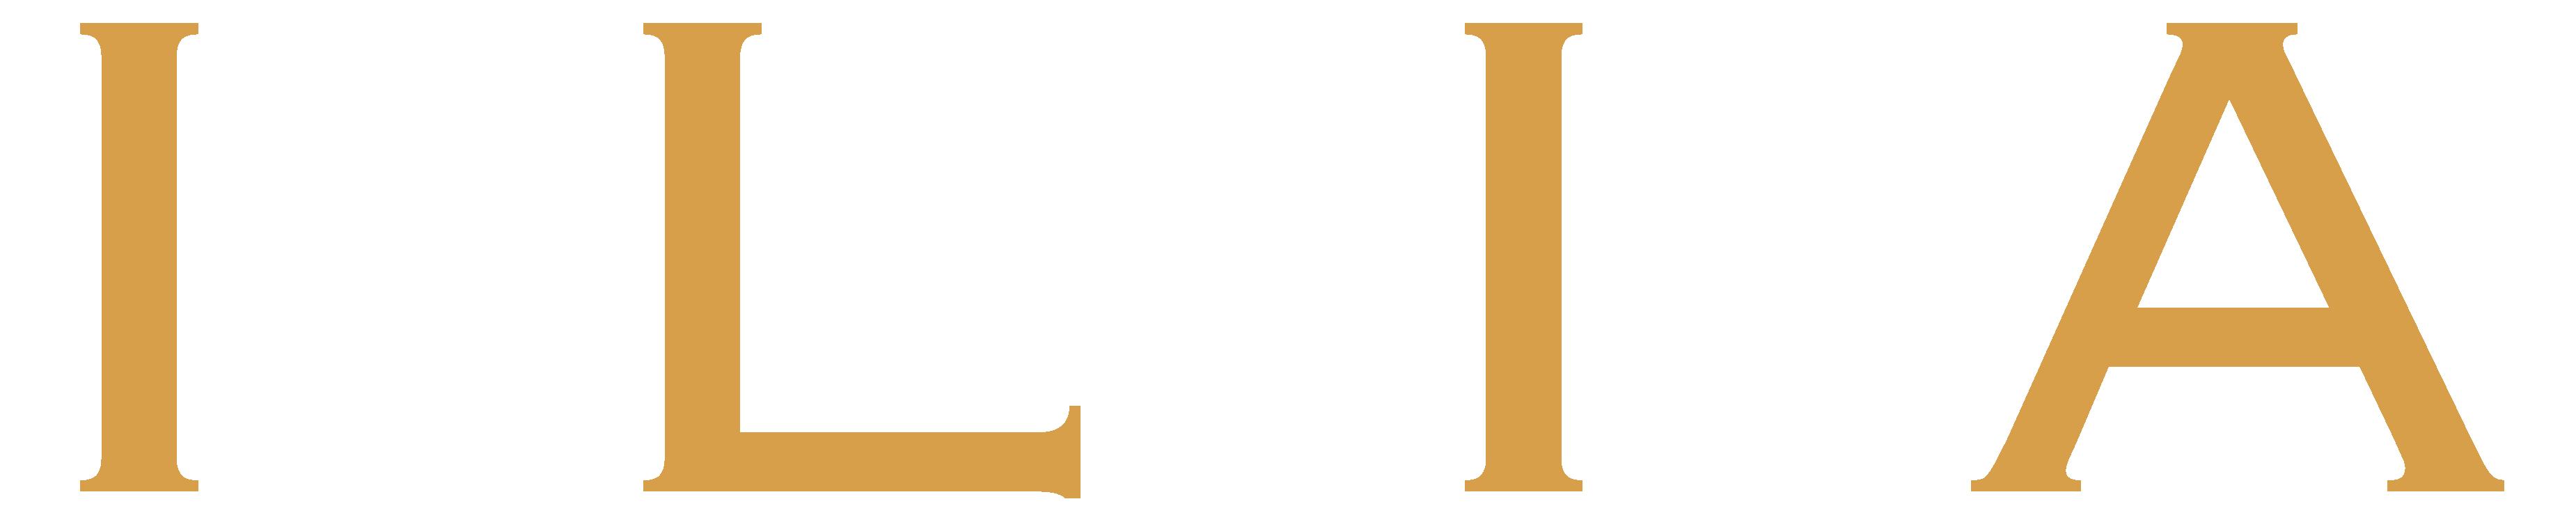 ILIA JEWELLERY